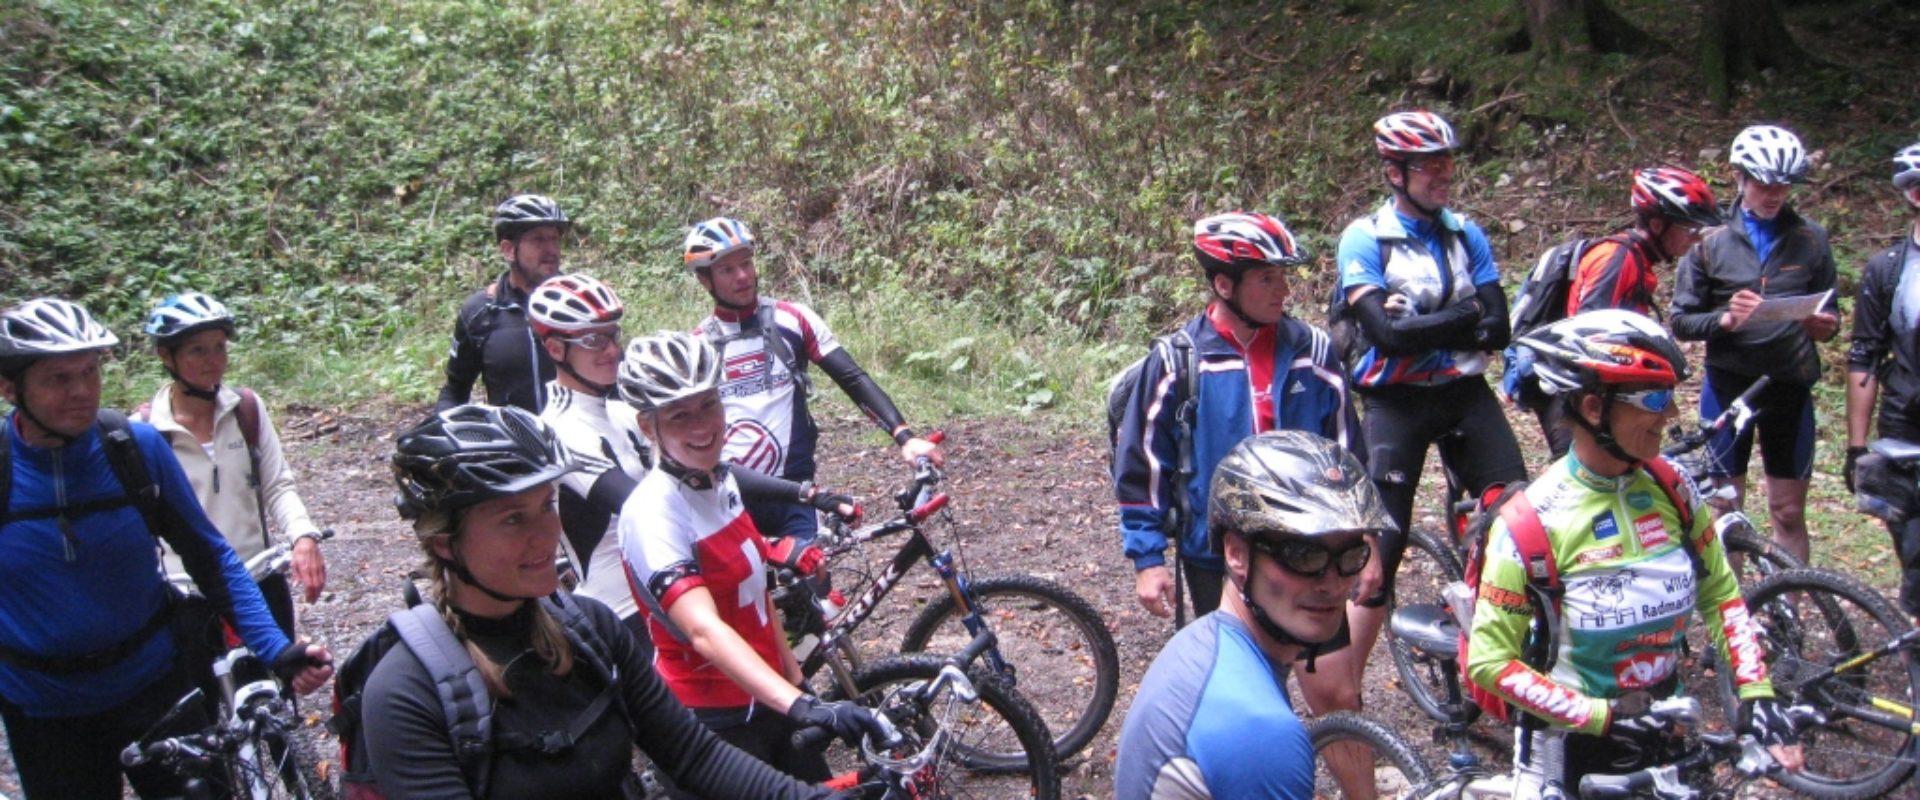 alpinschule widderstein_bike